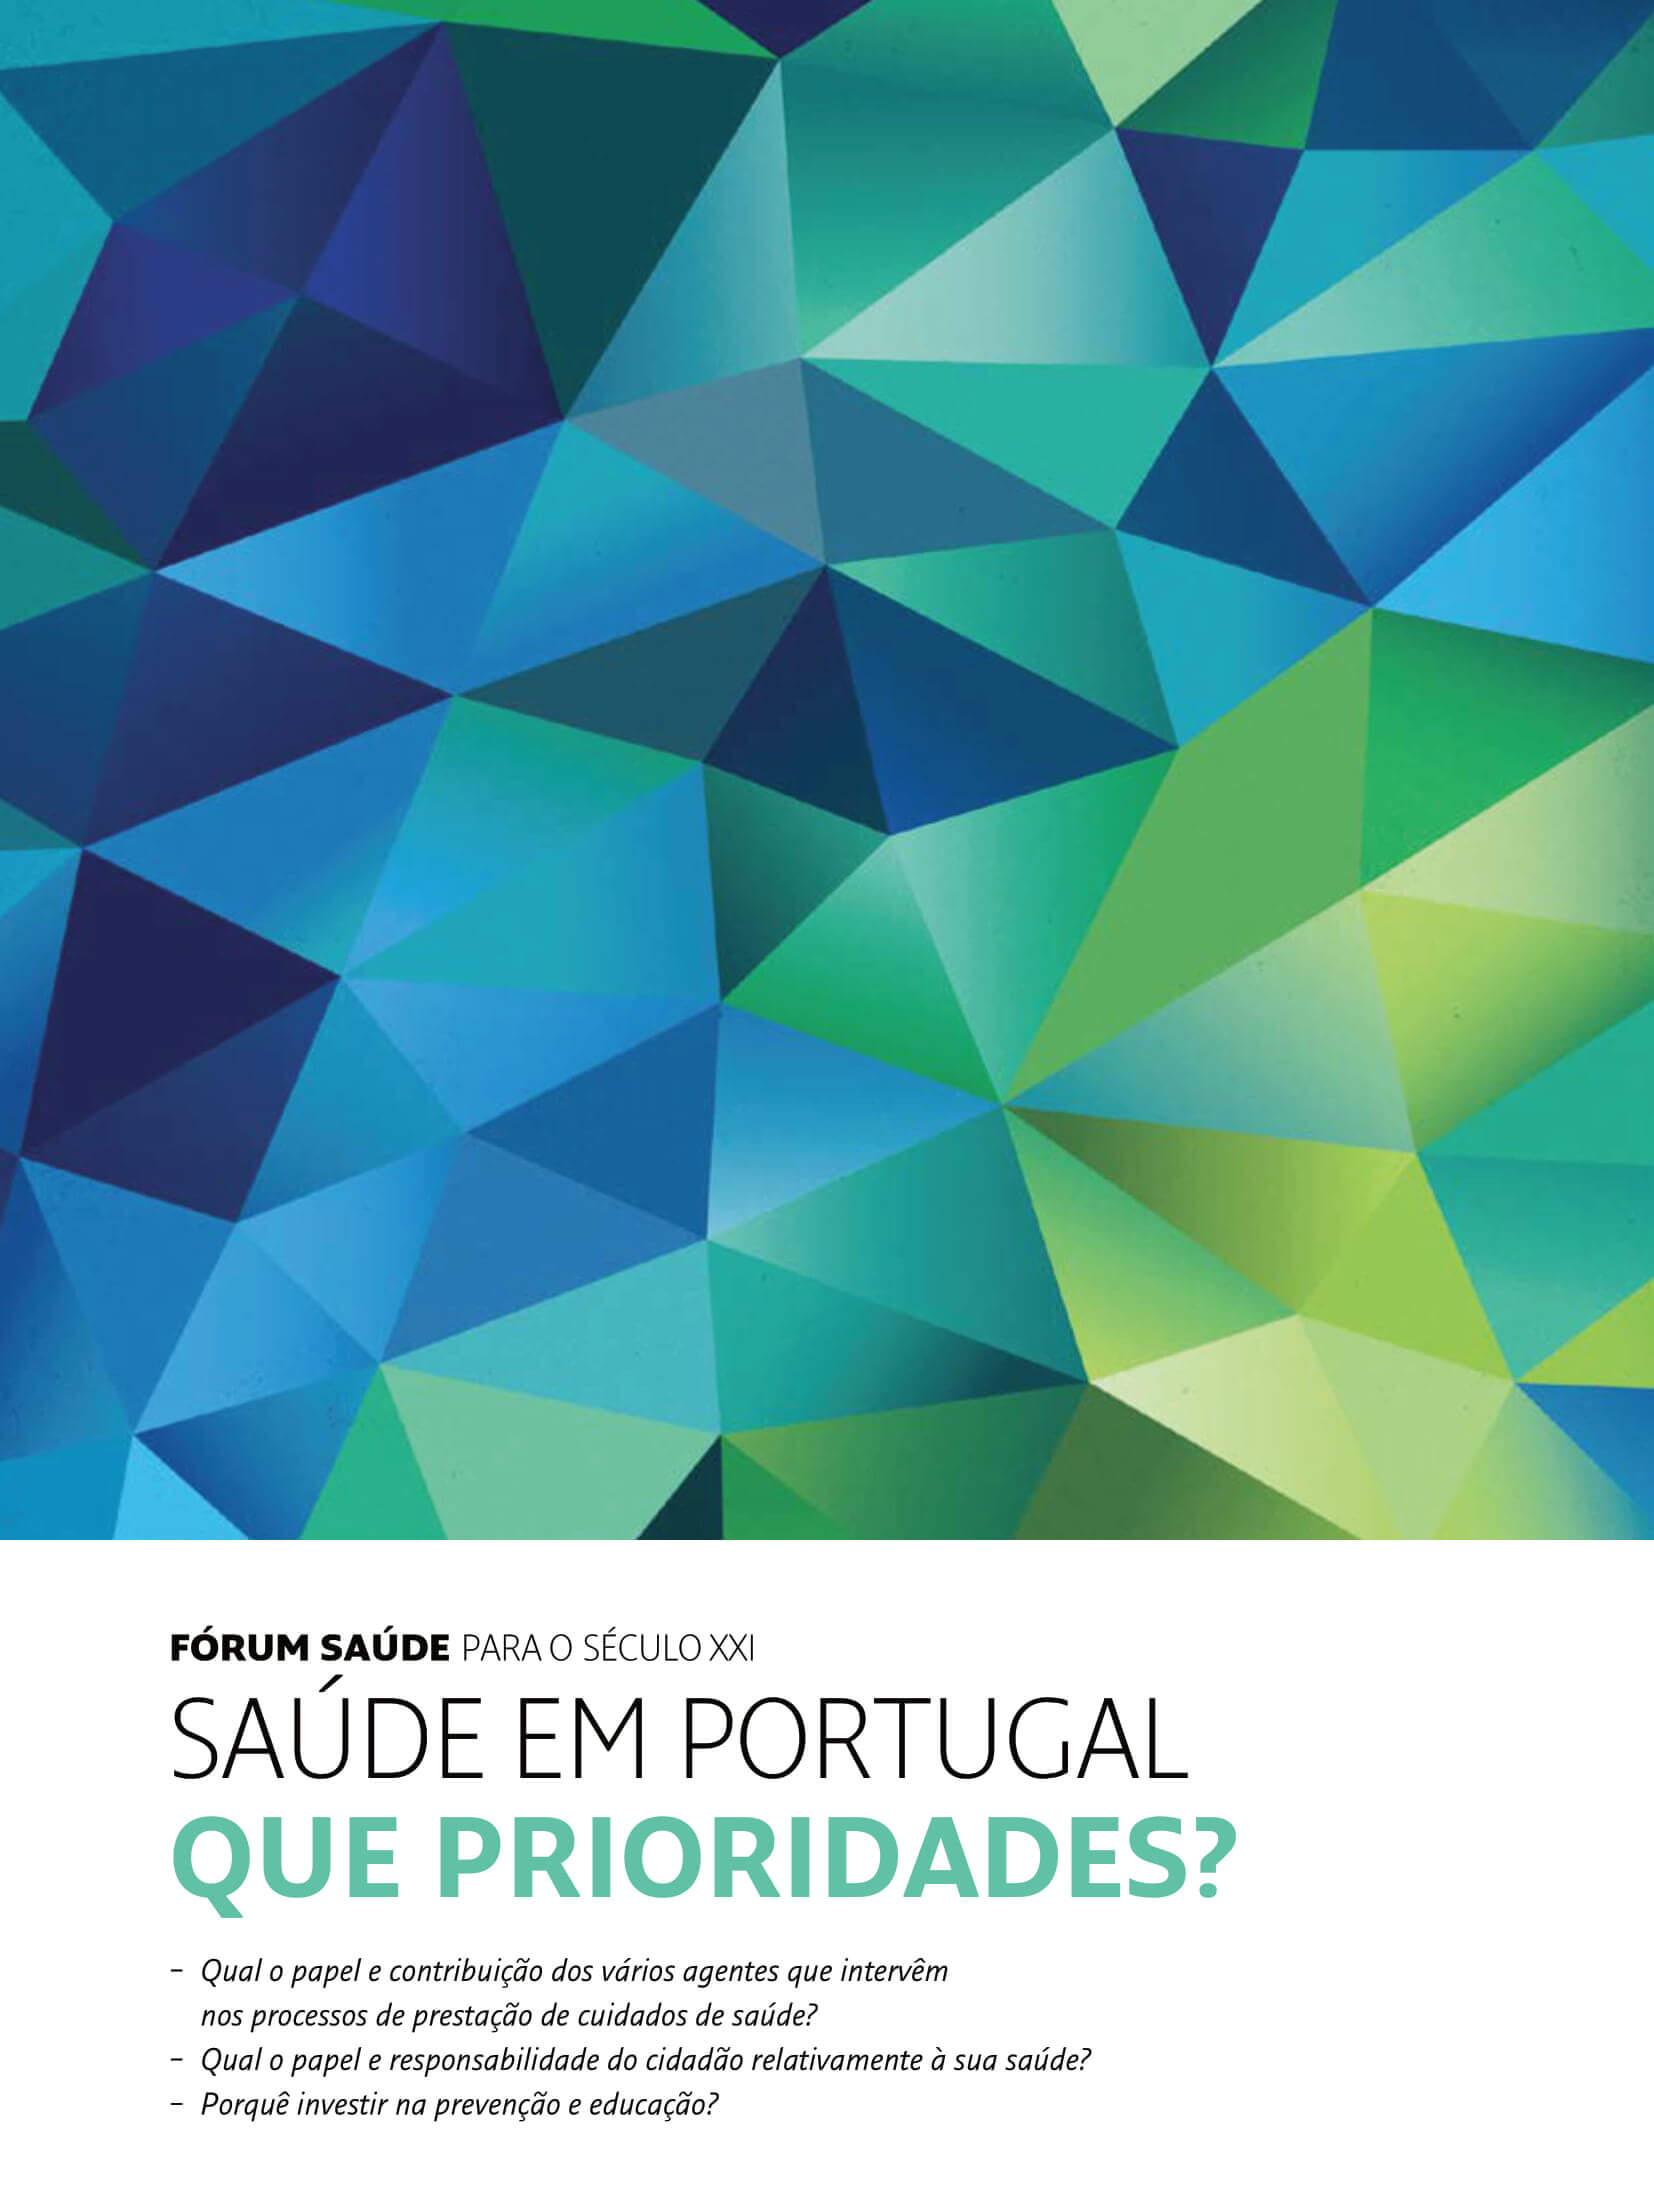 Saúde em Portugal: Que prioridades?